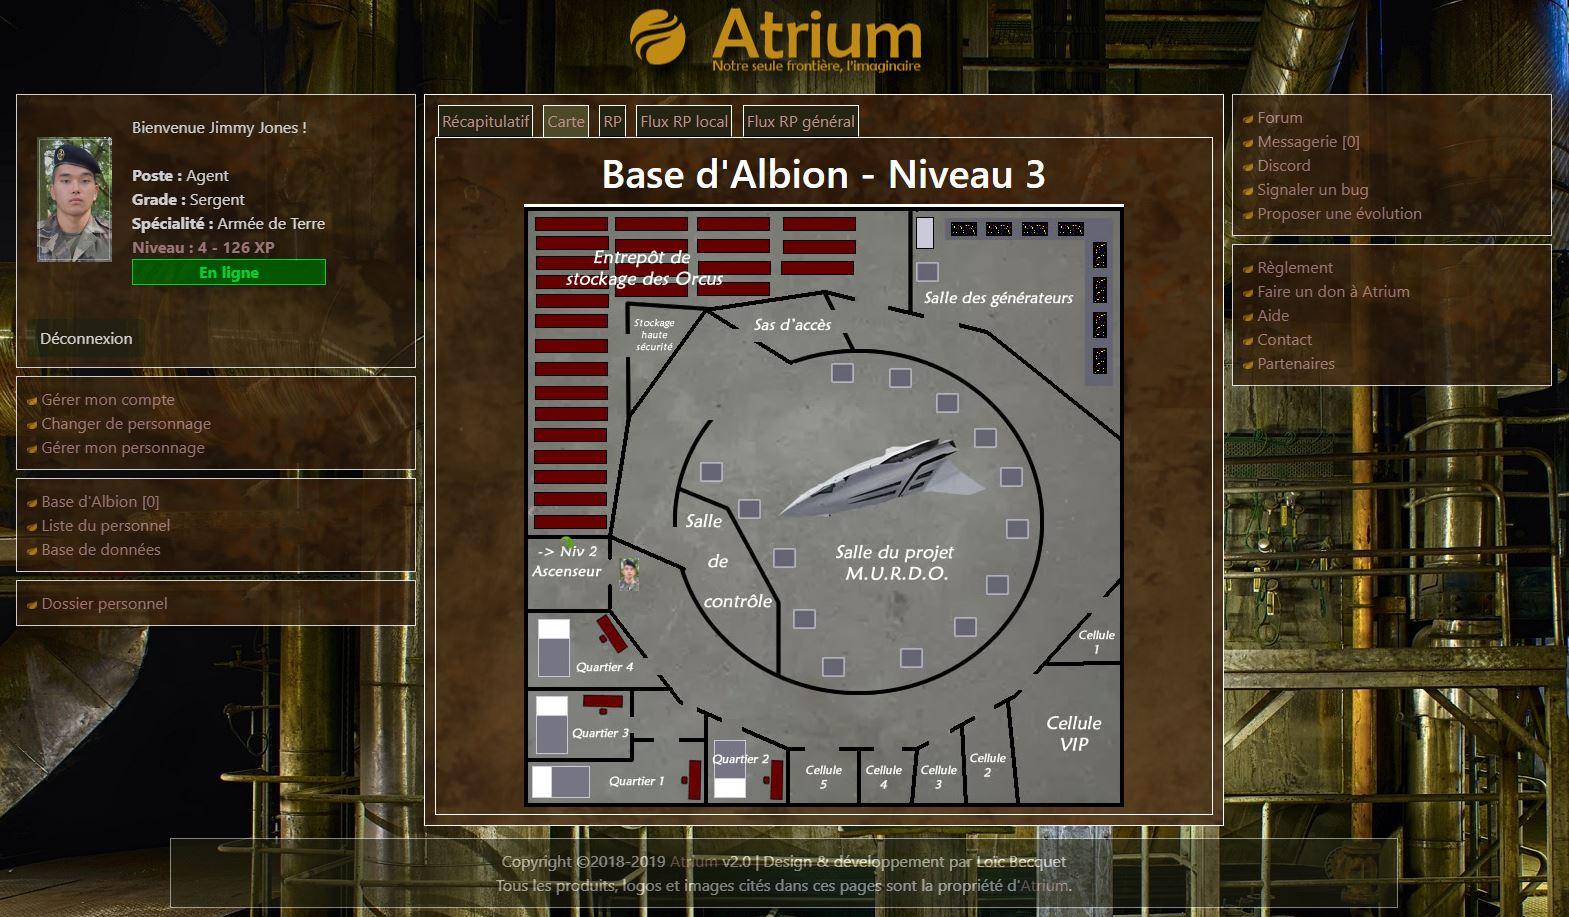 [TOP] Atrium Capture4